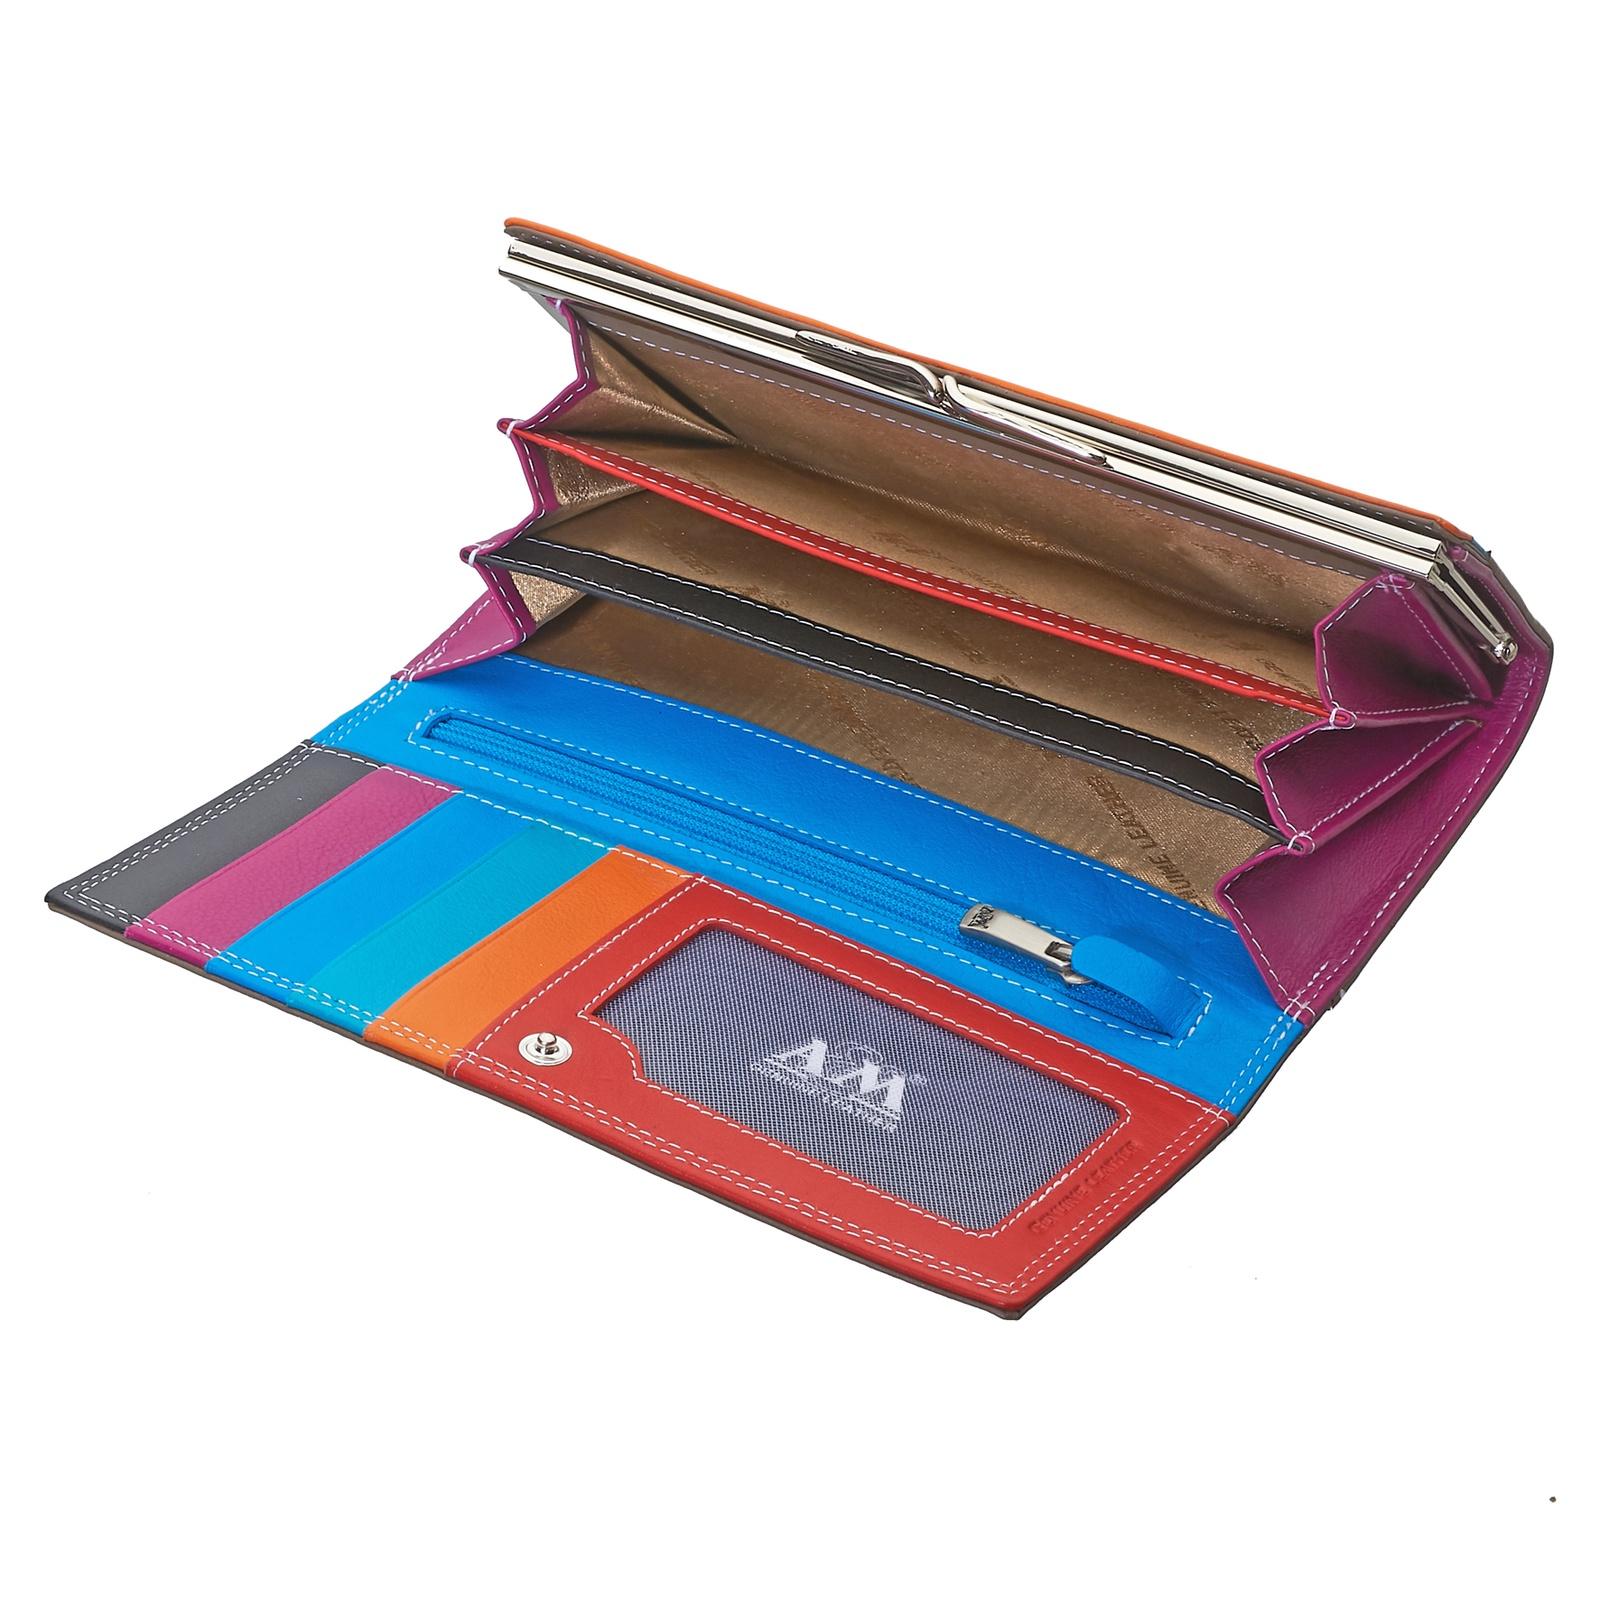 Портмоне A&M женское, 2701multi, красный, оранжевый, голубой, бежевый, красный, оранжевый